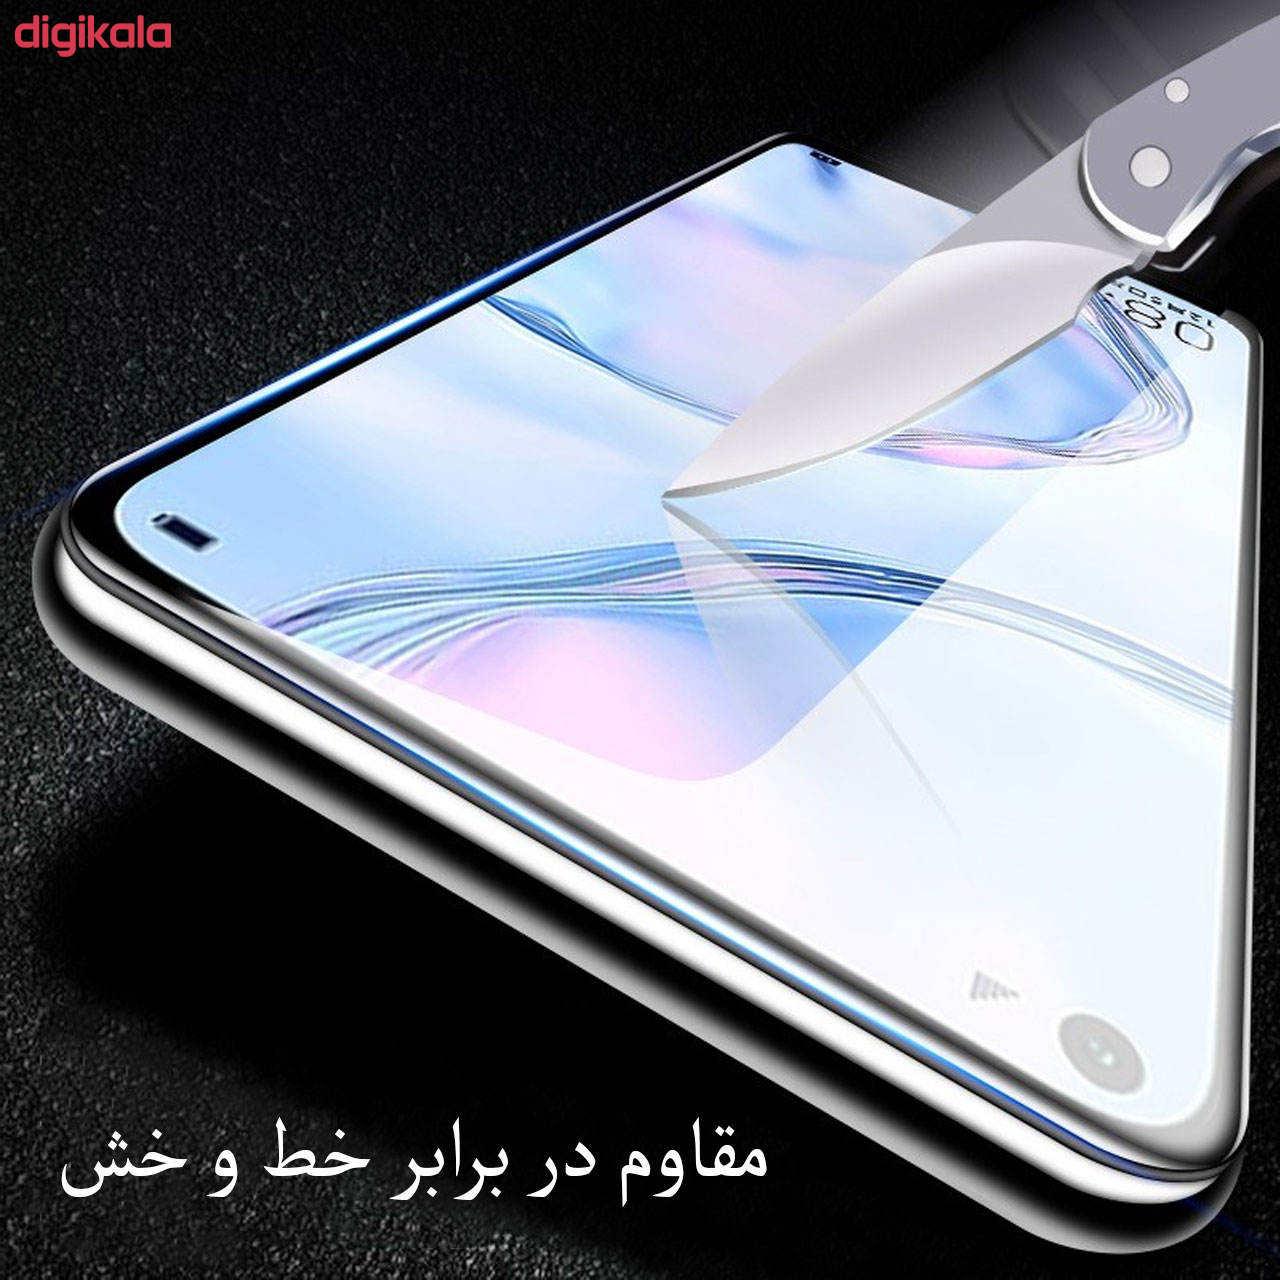 محافظ صفحه نمایش برنارد مدل SDB-01 مناسب برای گوشی موبایل سامسونگ Galaxy J2 2015 main 1 6